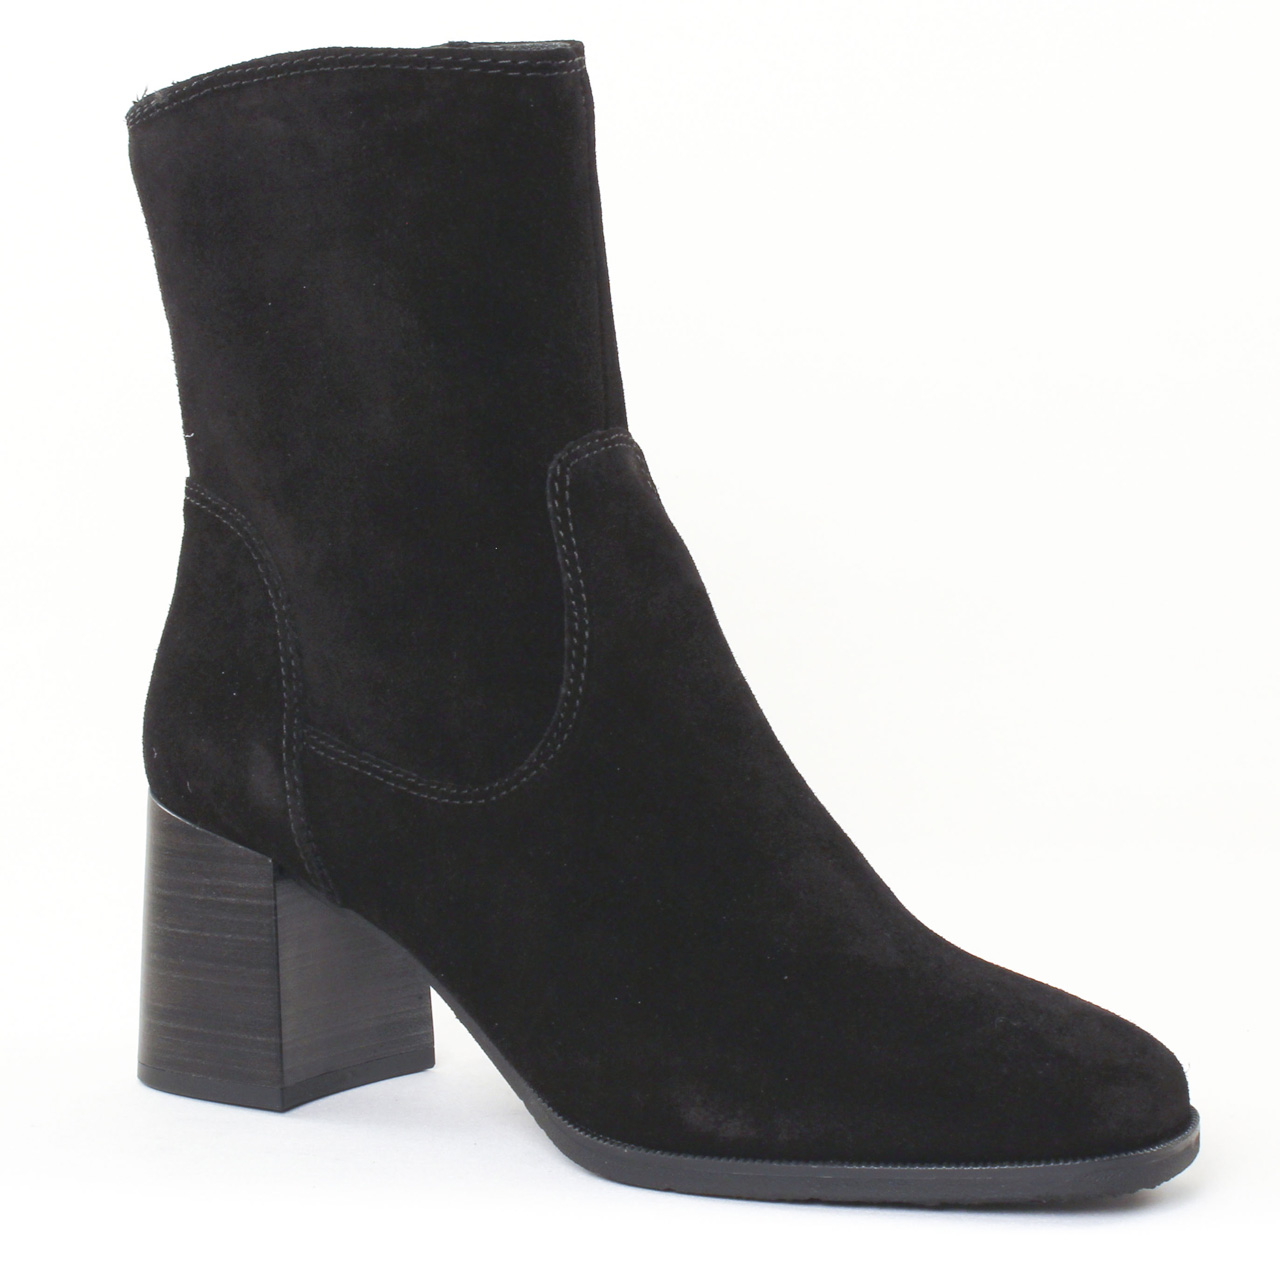 chaussures a talon noir classe. Black Bedroom Furniture Sets. Home Design Ideas